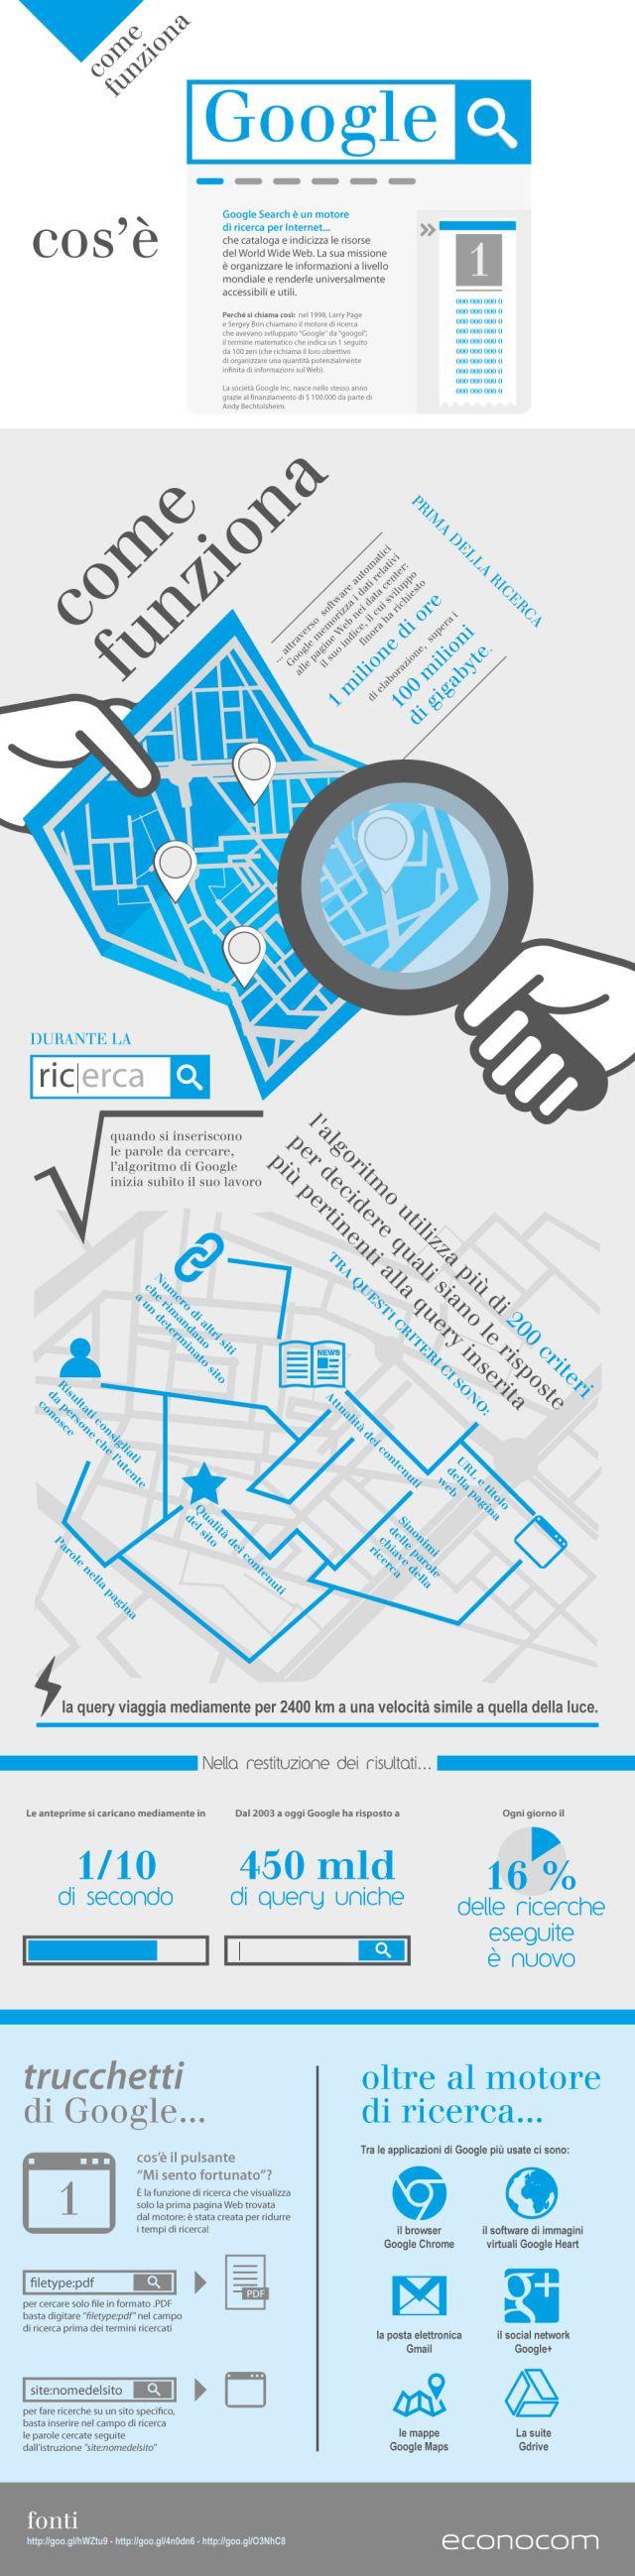 INFOGRAFICA - Come funziona Google #iobusiness